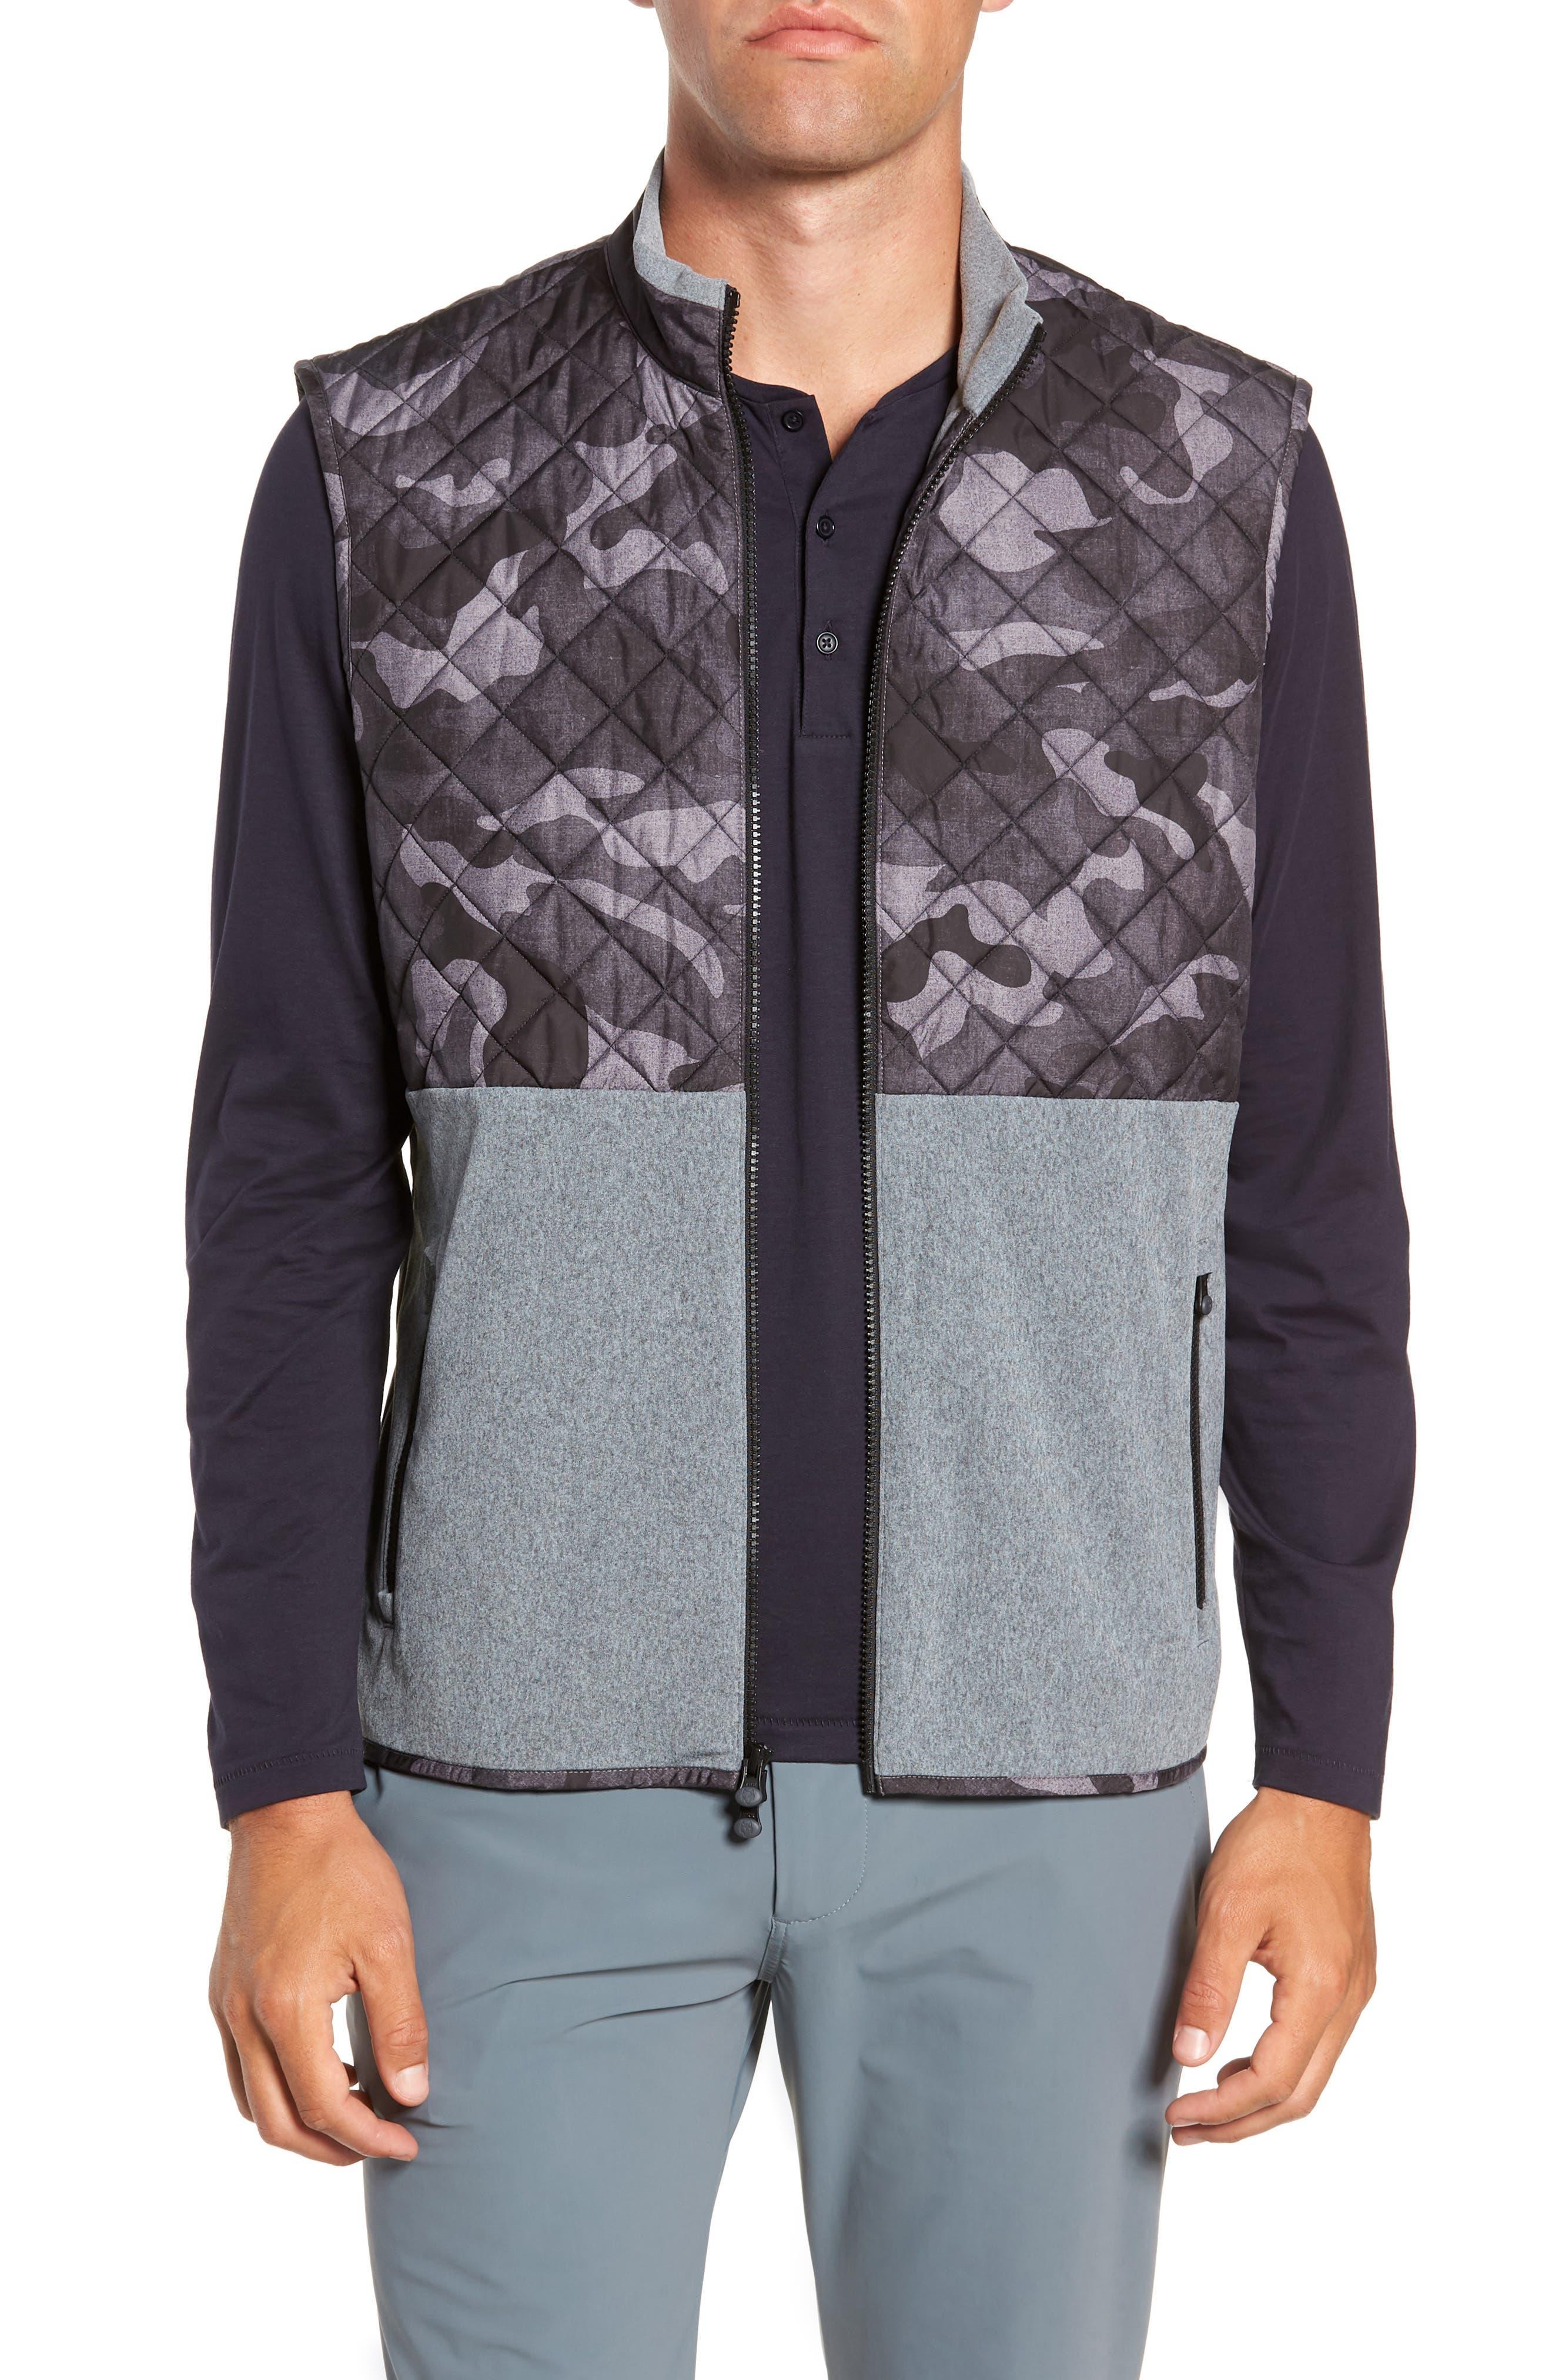 Huron Hybrid Vest,                         Main,                         color, GREY HEATHER/ GREY CAMO